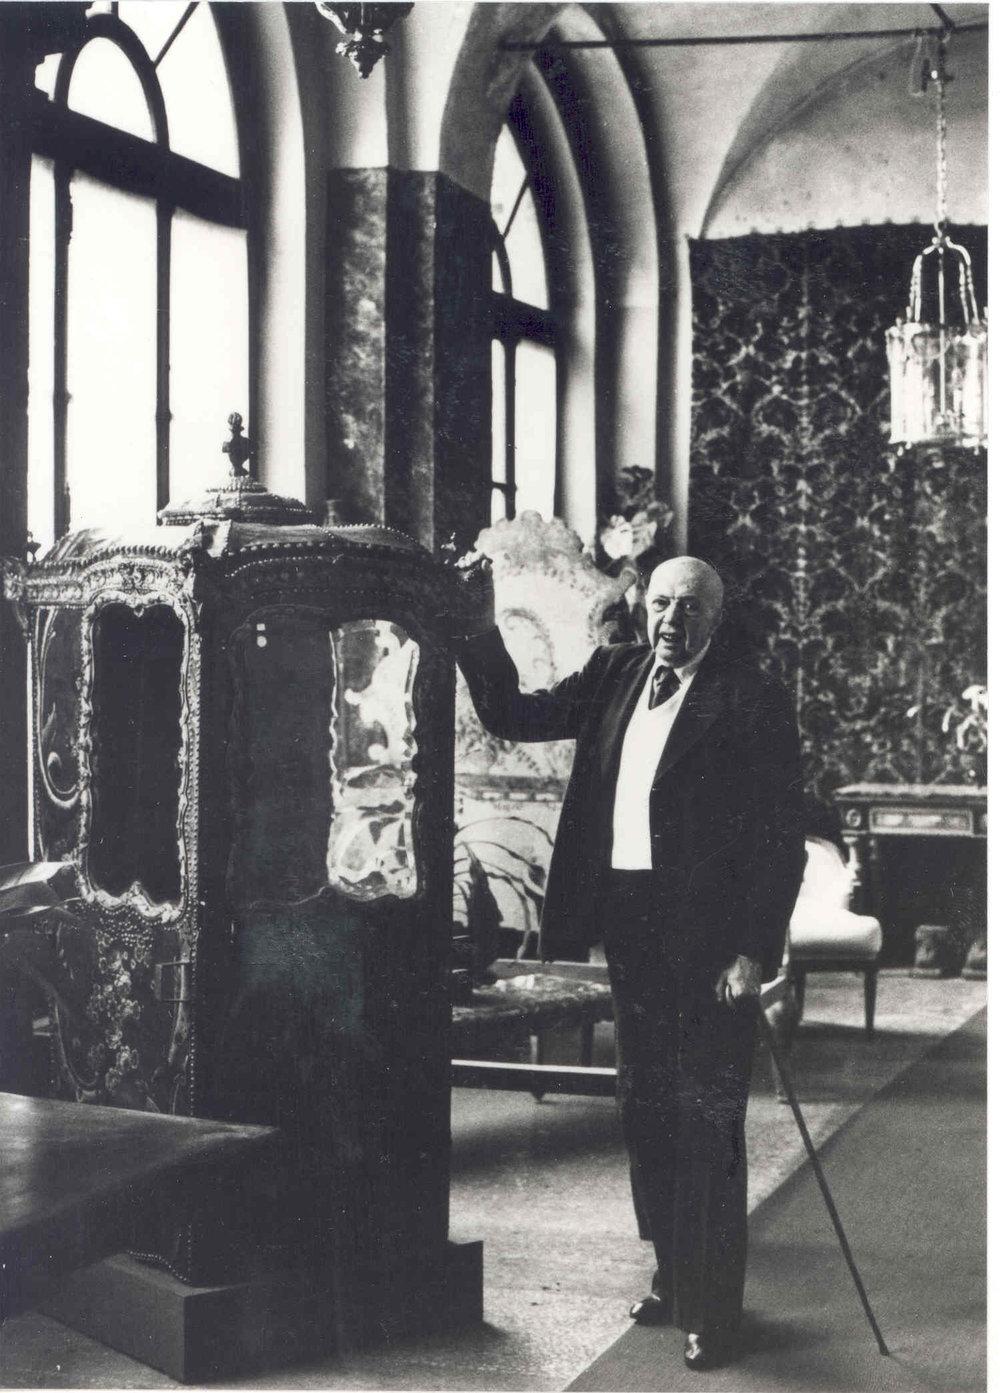 Pietro Accorsi nel giorno del suo novantesimo compleanno nella sua galleria di via Po, Torino, 25 ottobre 1981